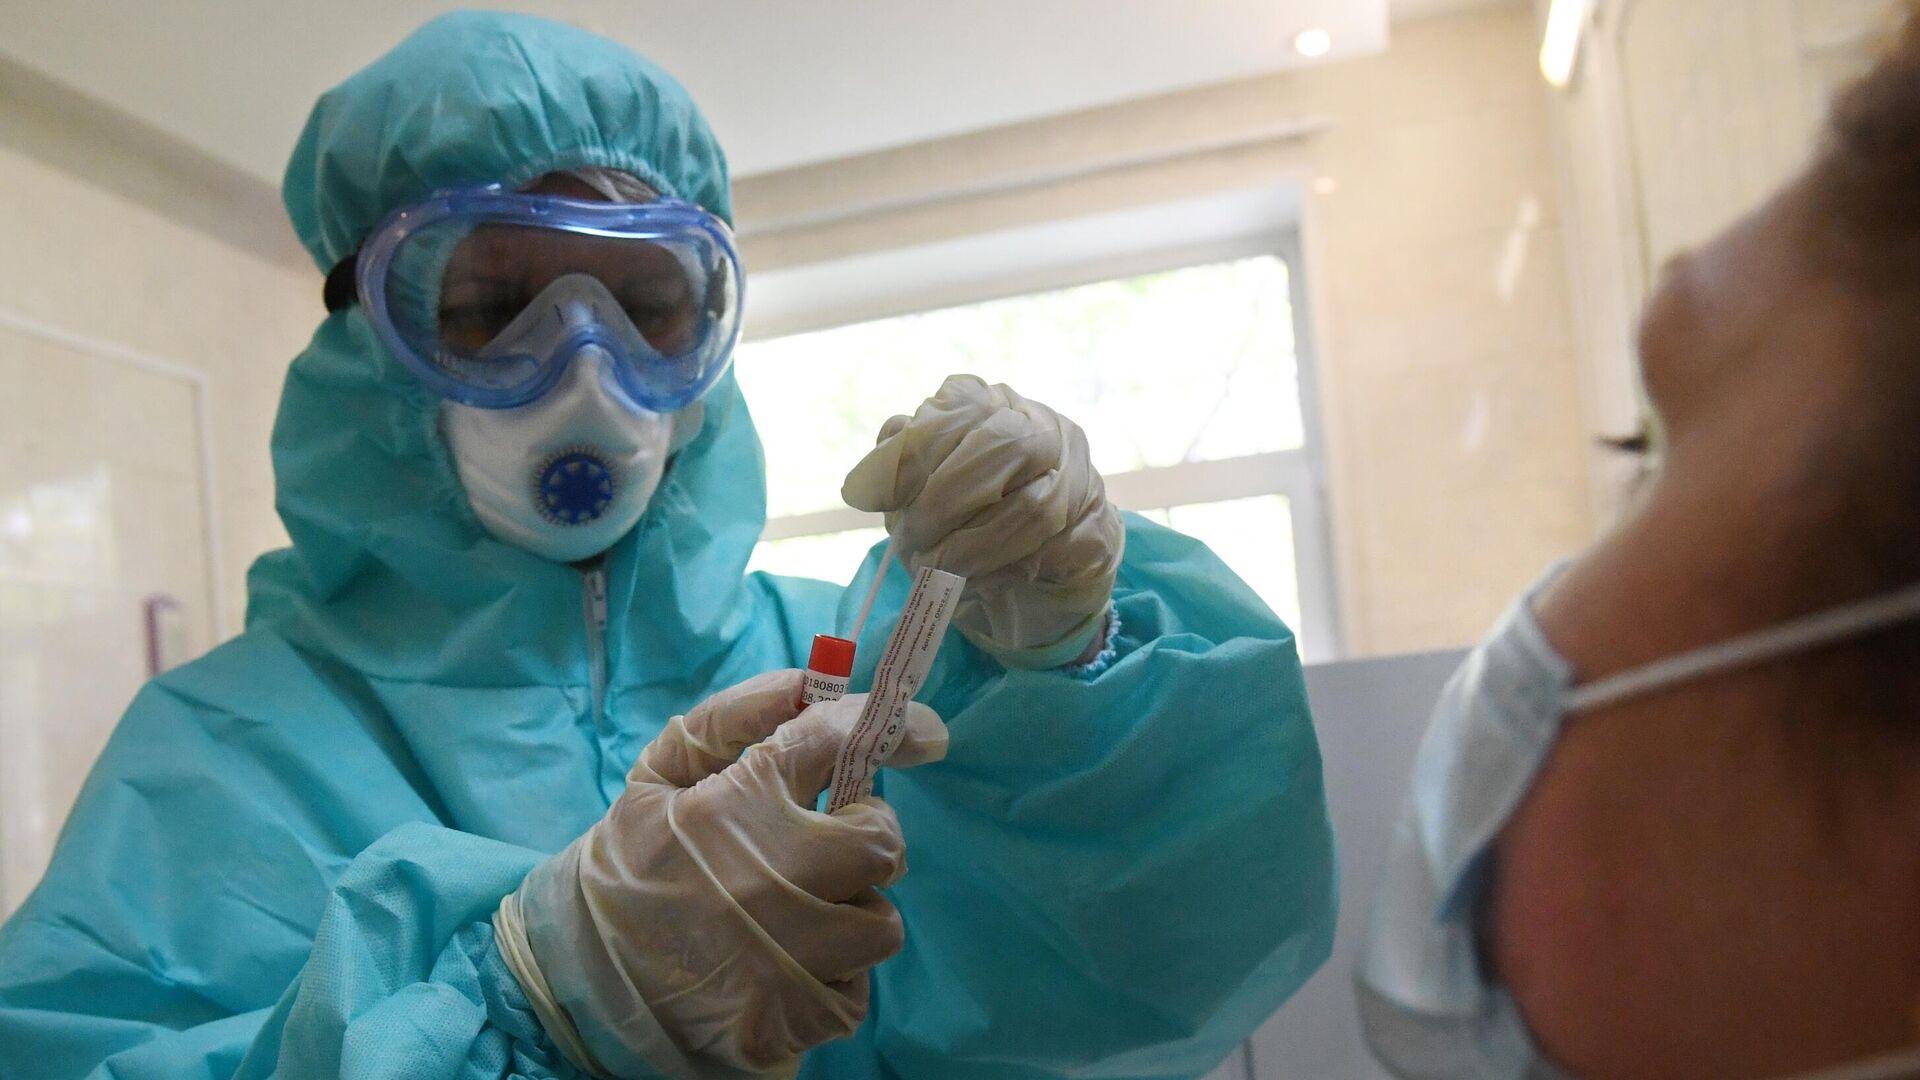 Медицинский работник в защитном костюме проводит забор биоматериала для анализа на коронавирус в городской поликлинике Москвы - РИА Новости, 1920, 14.06.2021